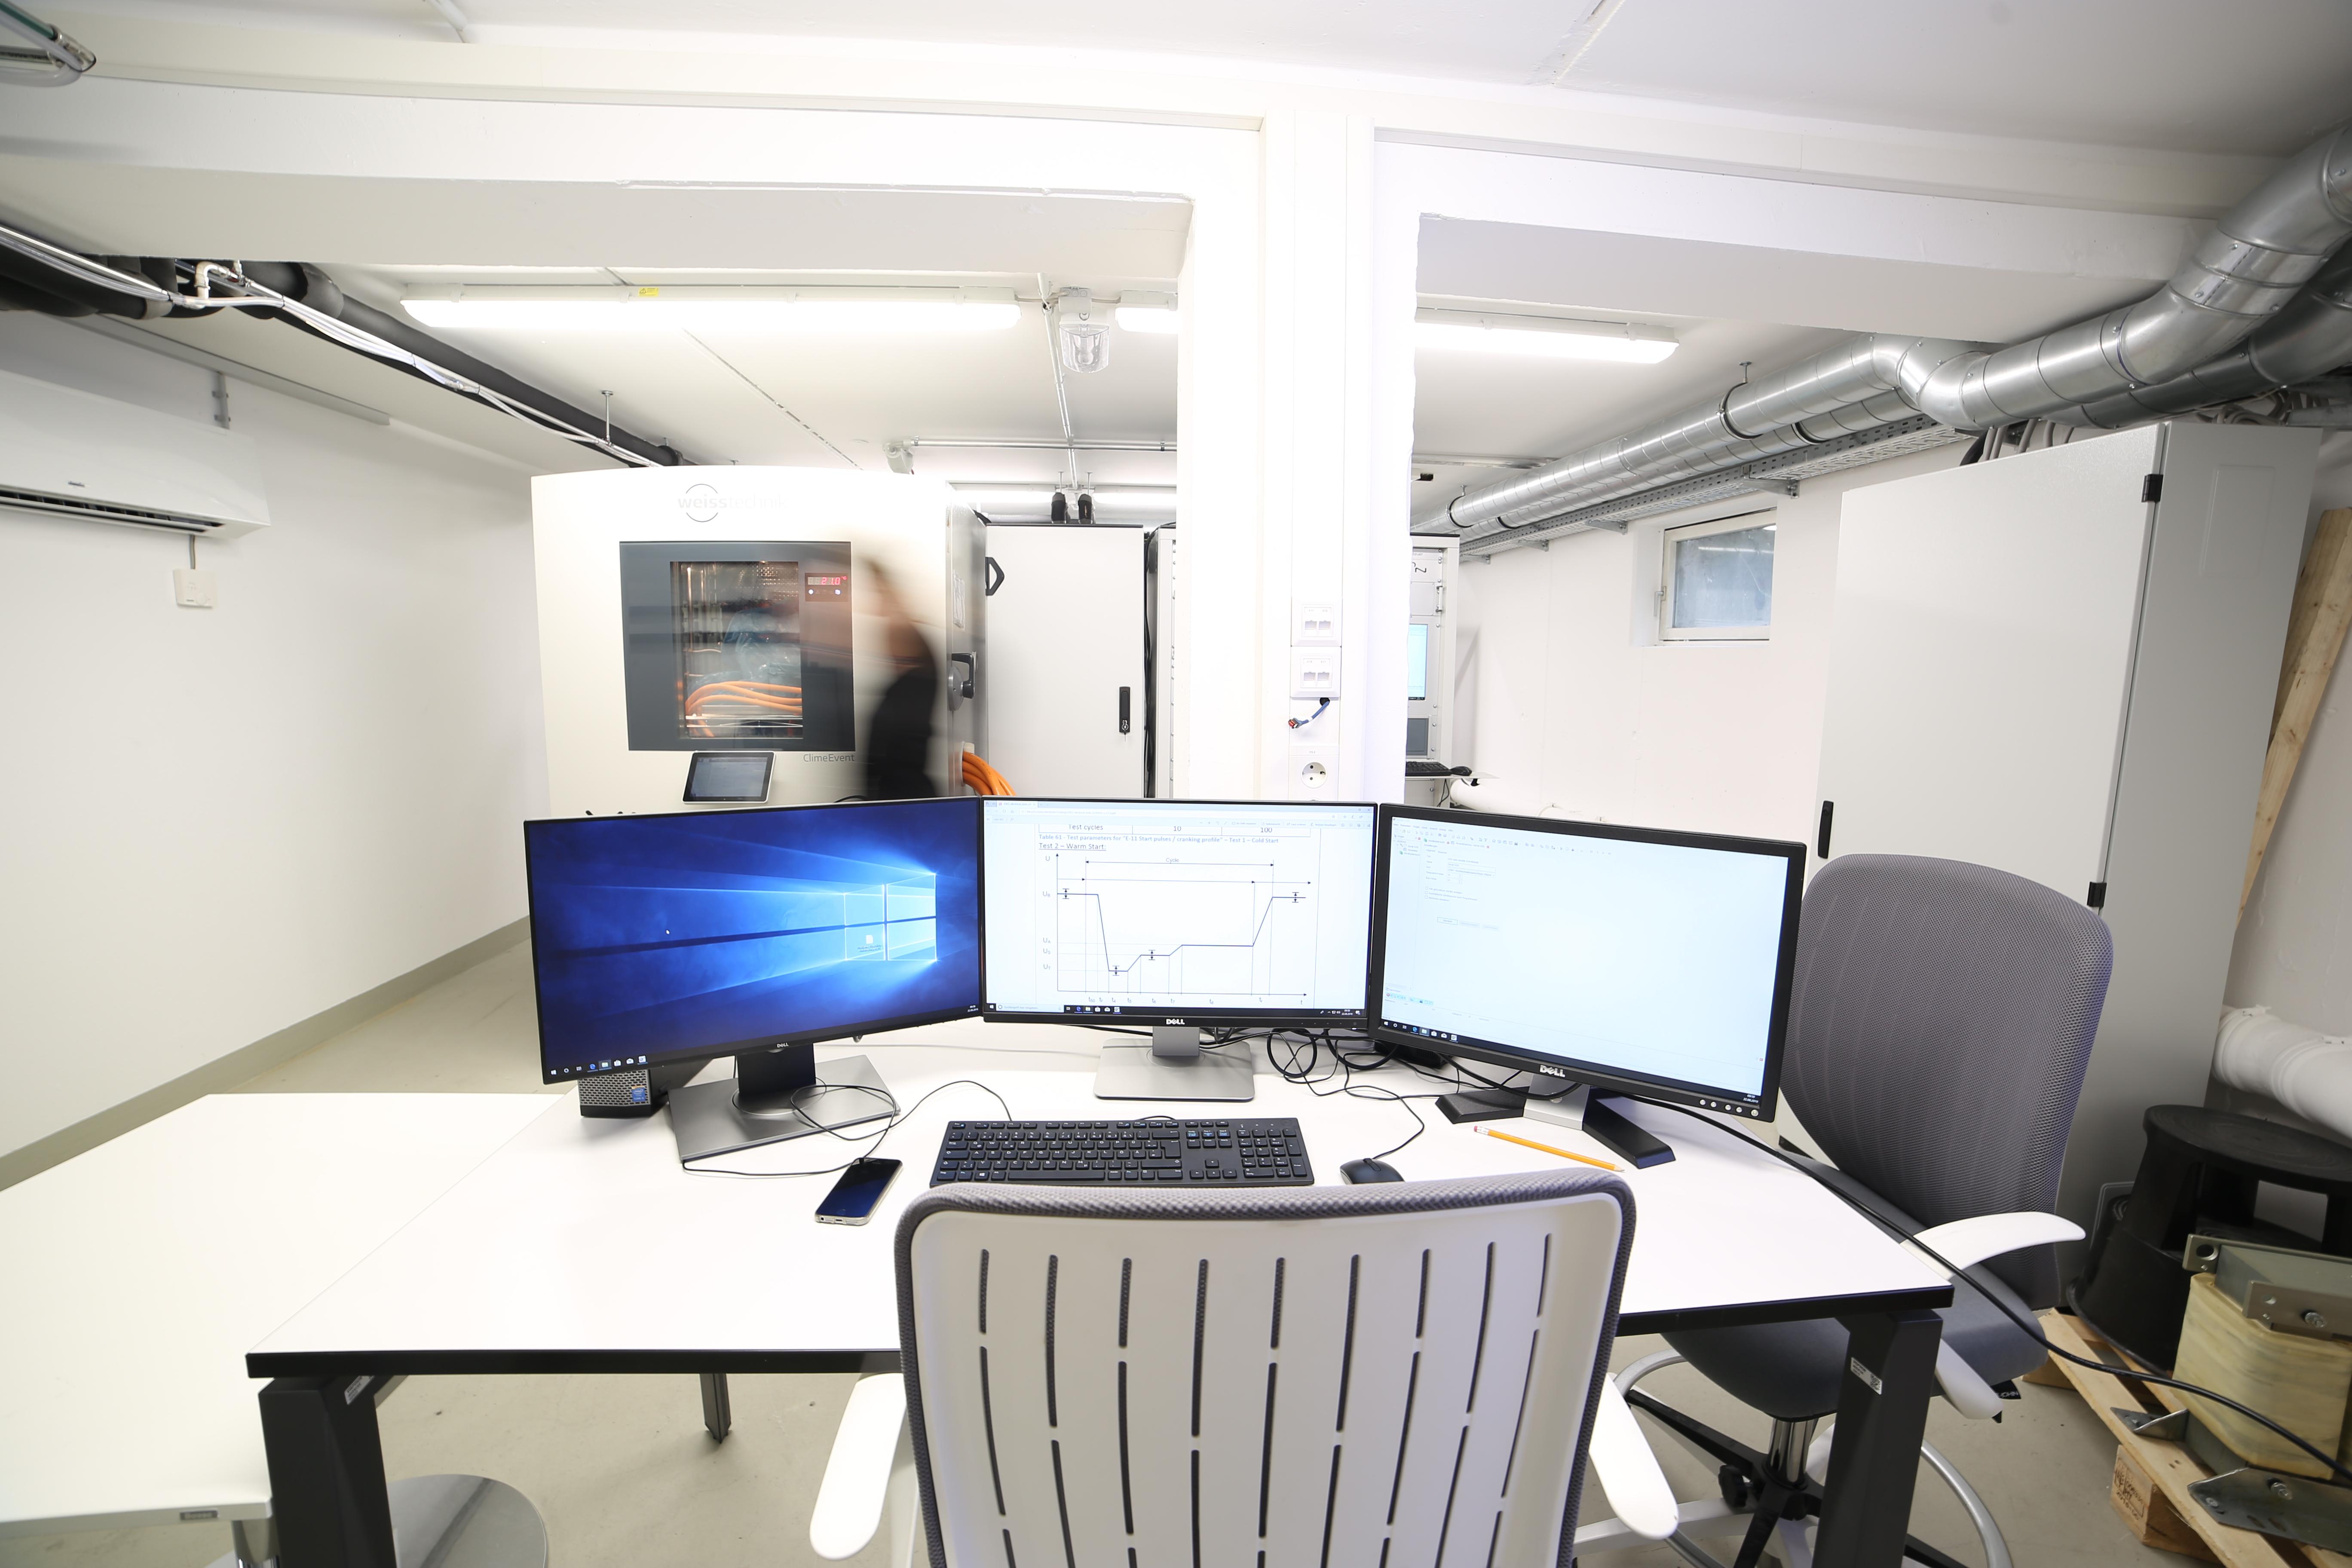 Testplatz für Auswertungen von Tests an Leistungselektronik im Prüflabor